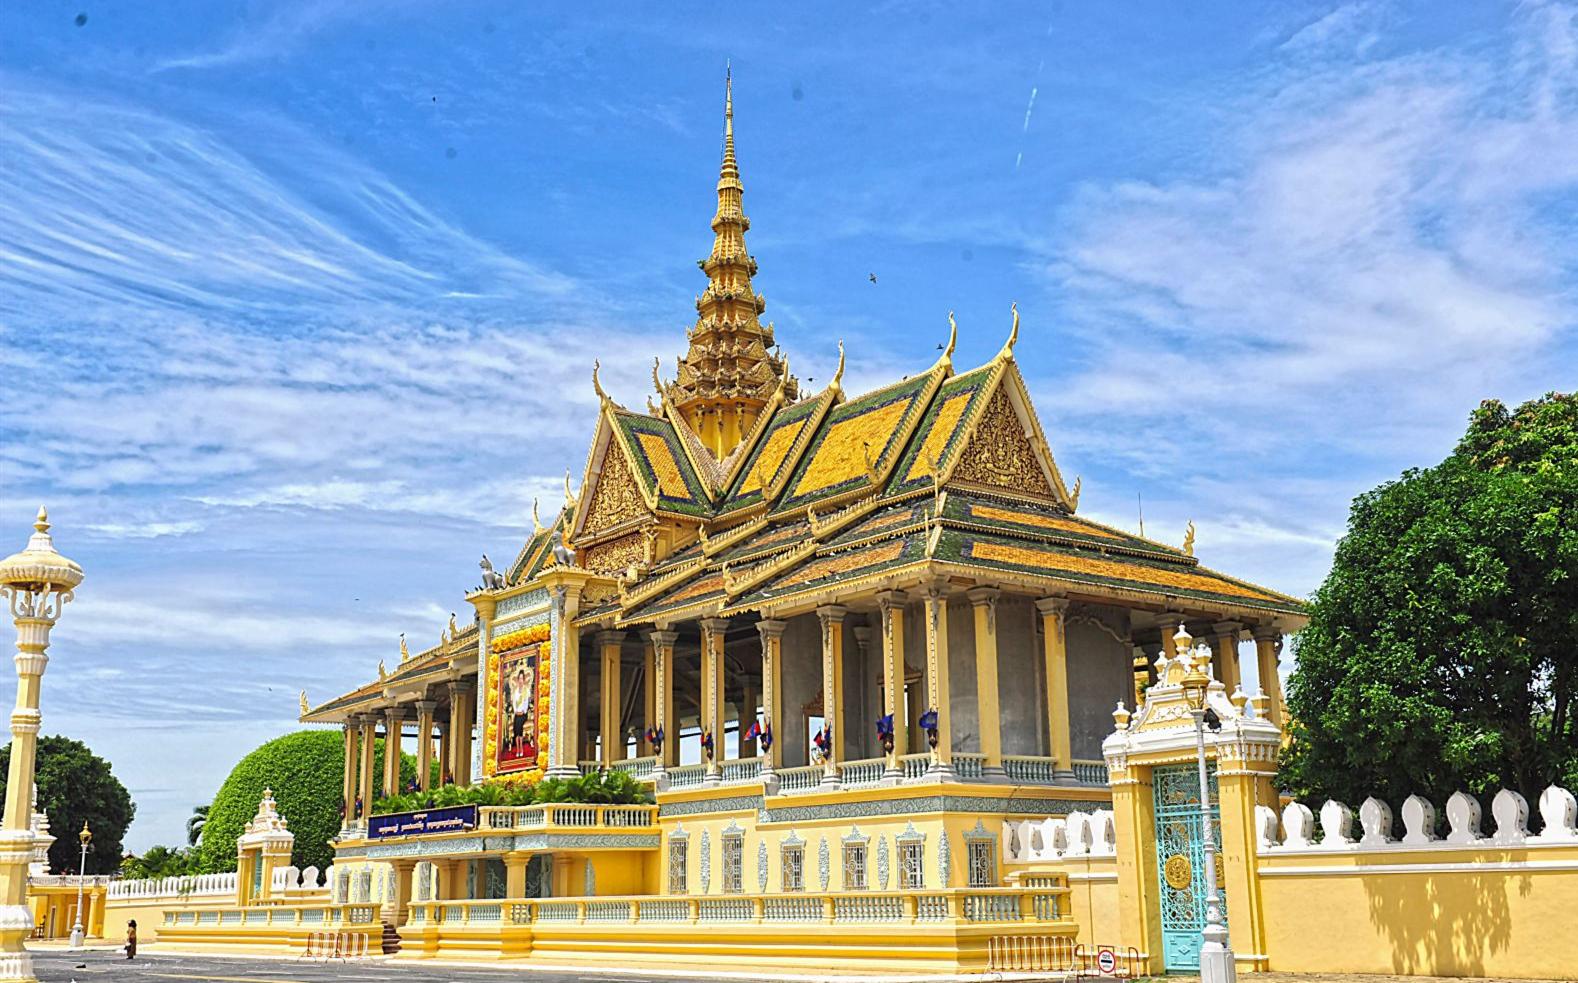 柬埔寨·吴哥、金边双飞五晚六日纯净之旅(吴进金出)